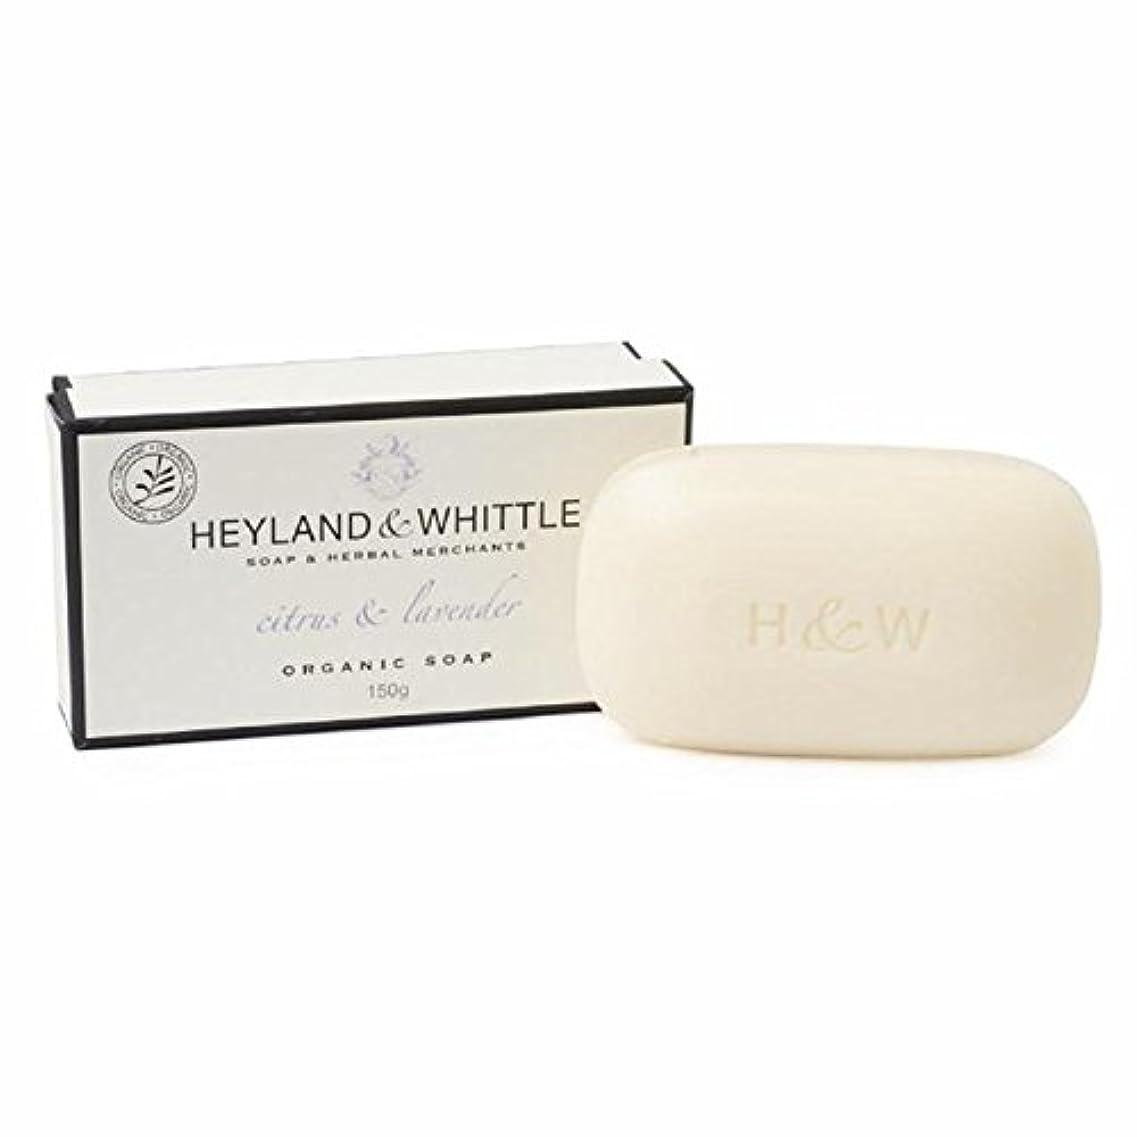 自治的マンハッタンノーブル&削るシトラス&ラベンダーは、有機石鹸150グラム箱入り x2 - Heyland & Whittle Citrus & Lavender Boxed Organic Soap 150g (Pack of 2) [並行輸入品]